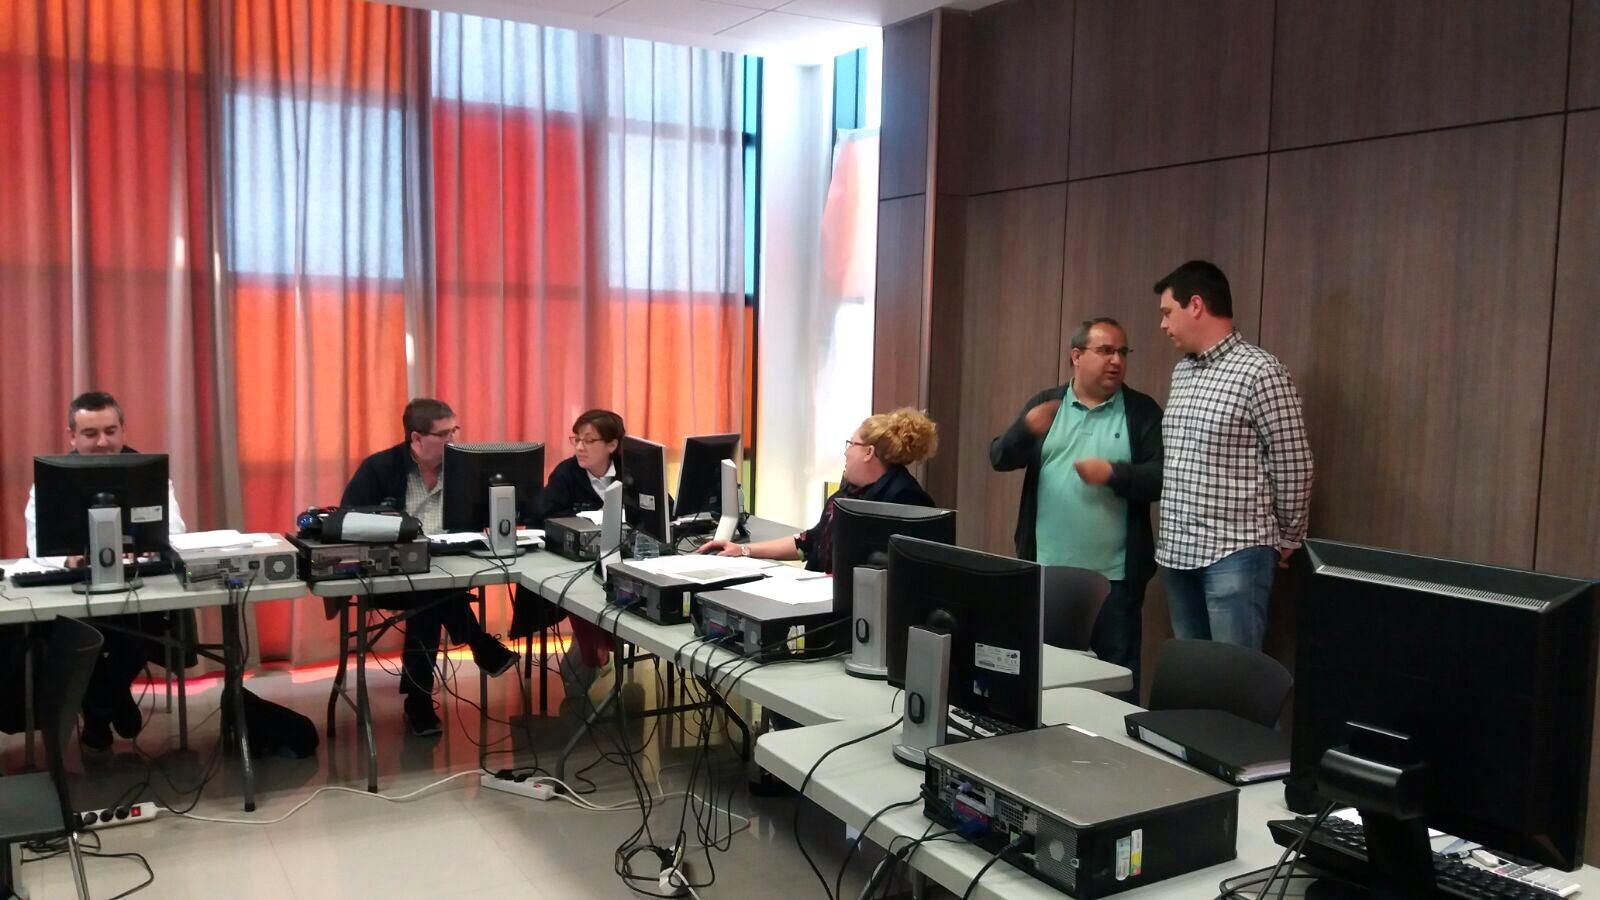 La Diputació de València sufragarà un professor encarregat d'aportar als participants nocions en la gestió de la plataforma de Portals municipals.